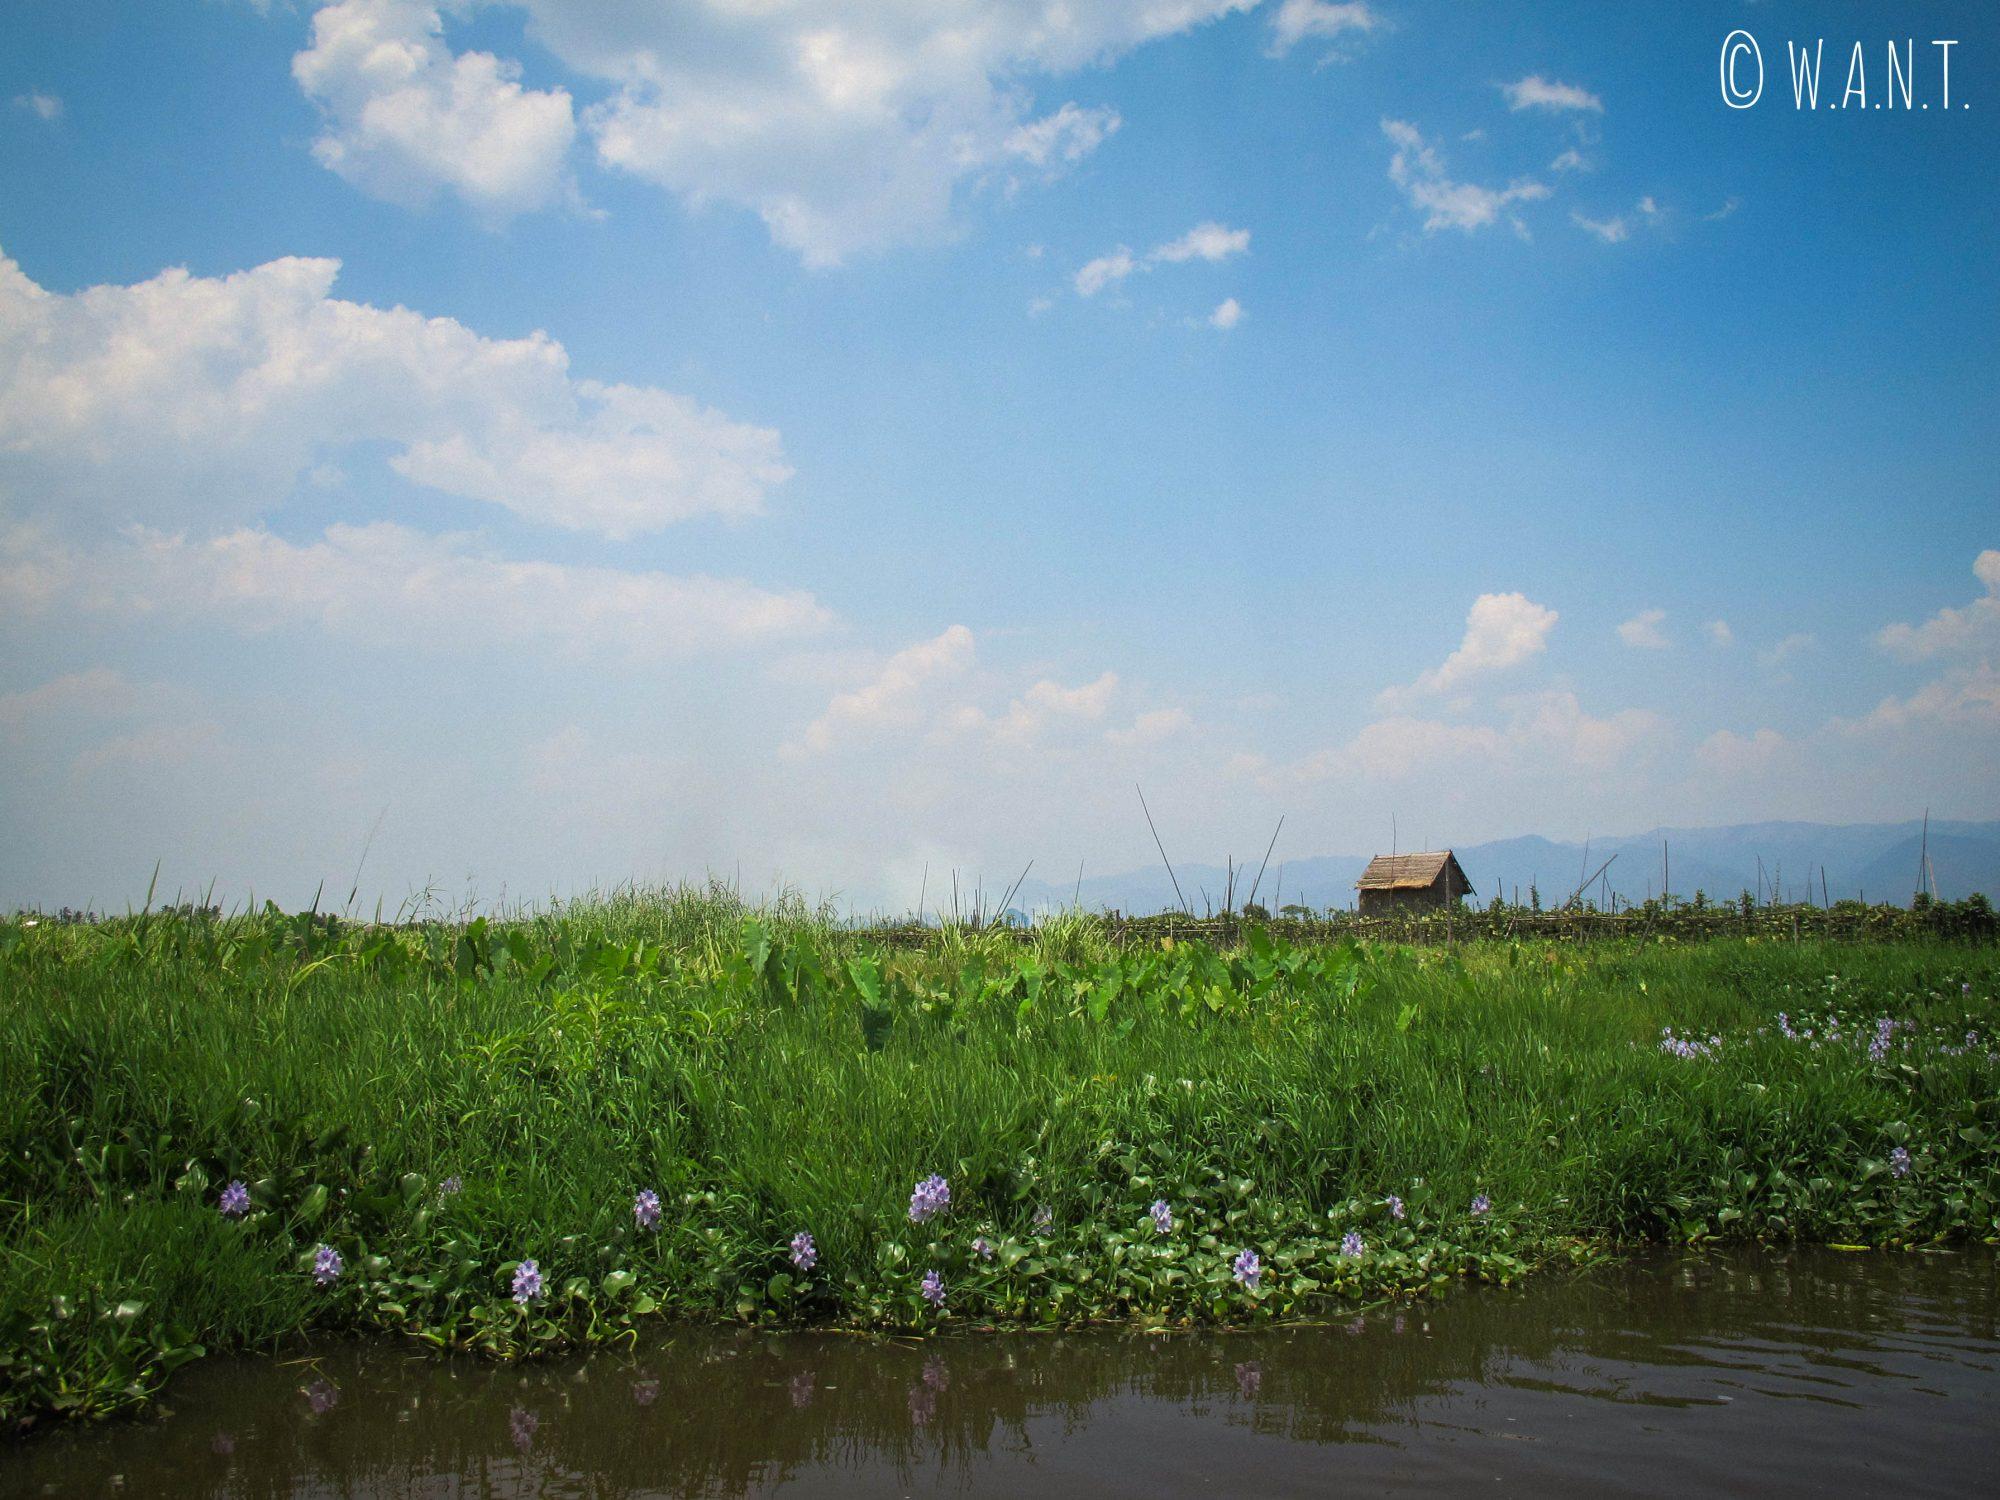 Jardins flottants le long du canal